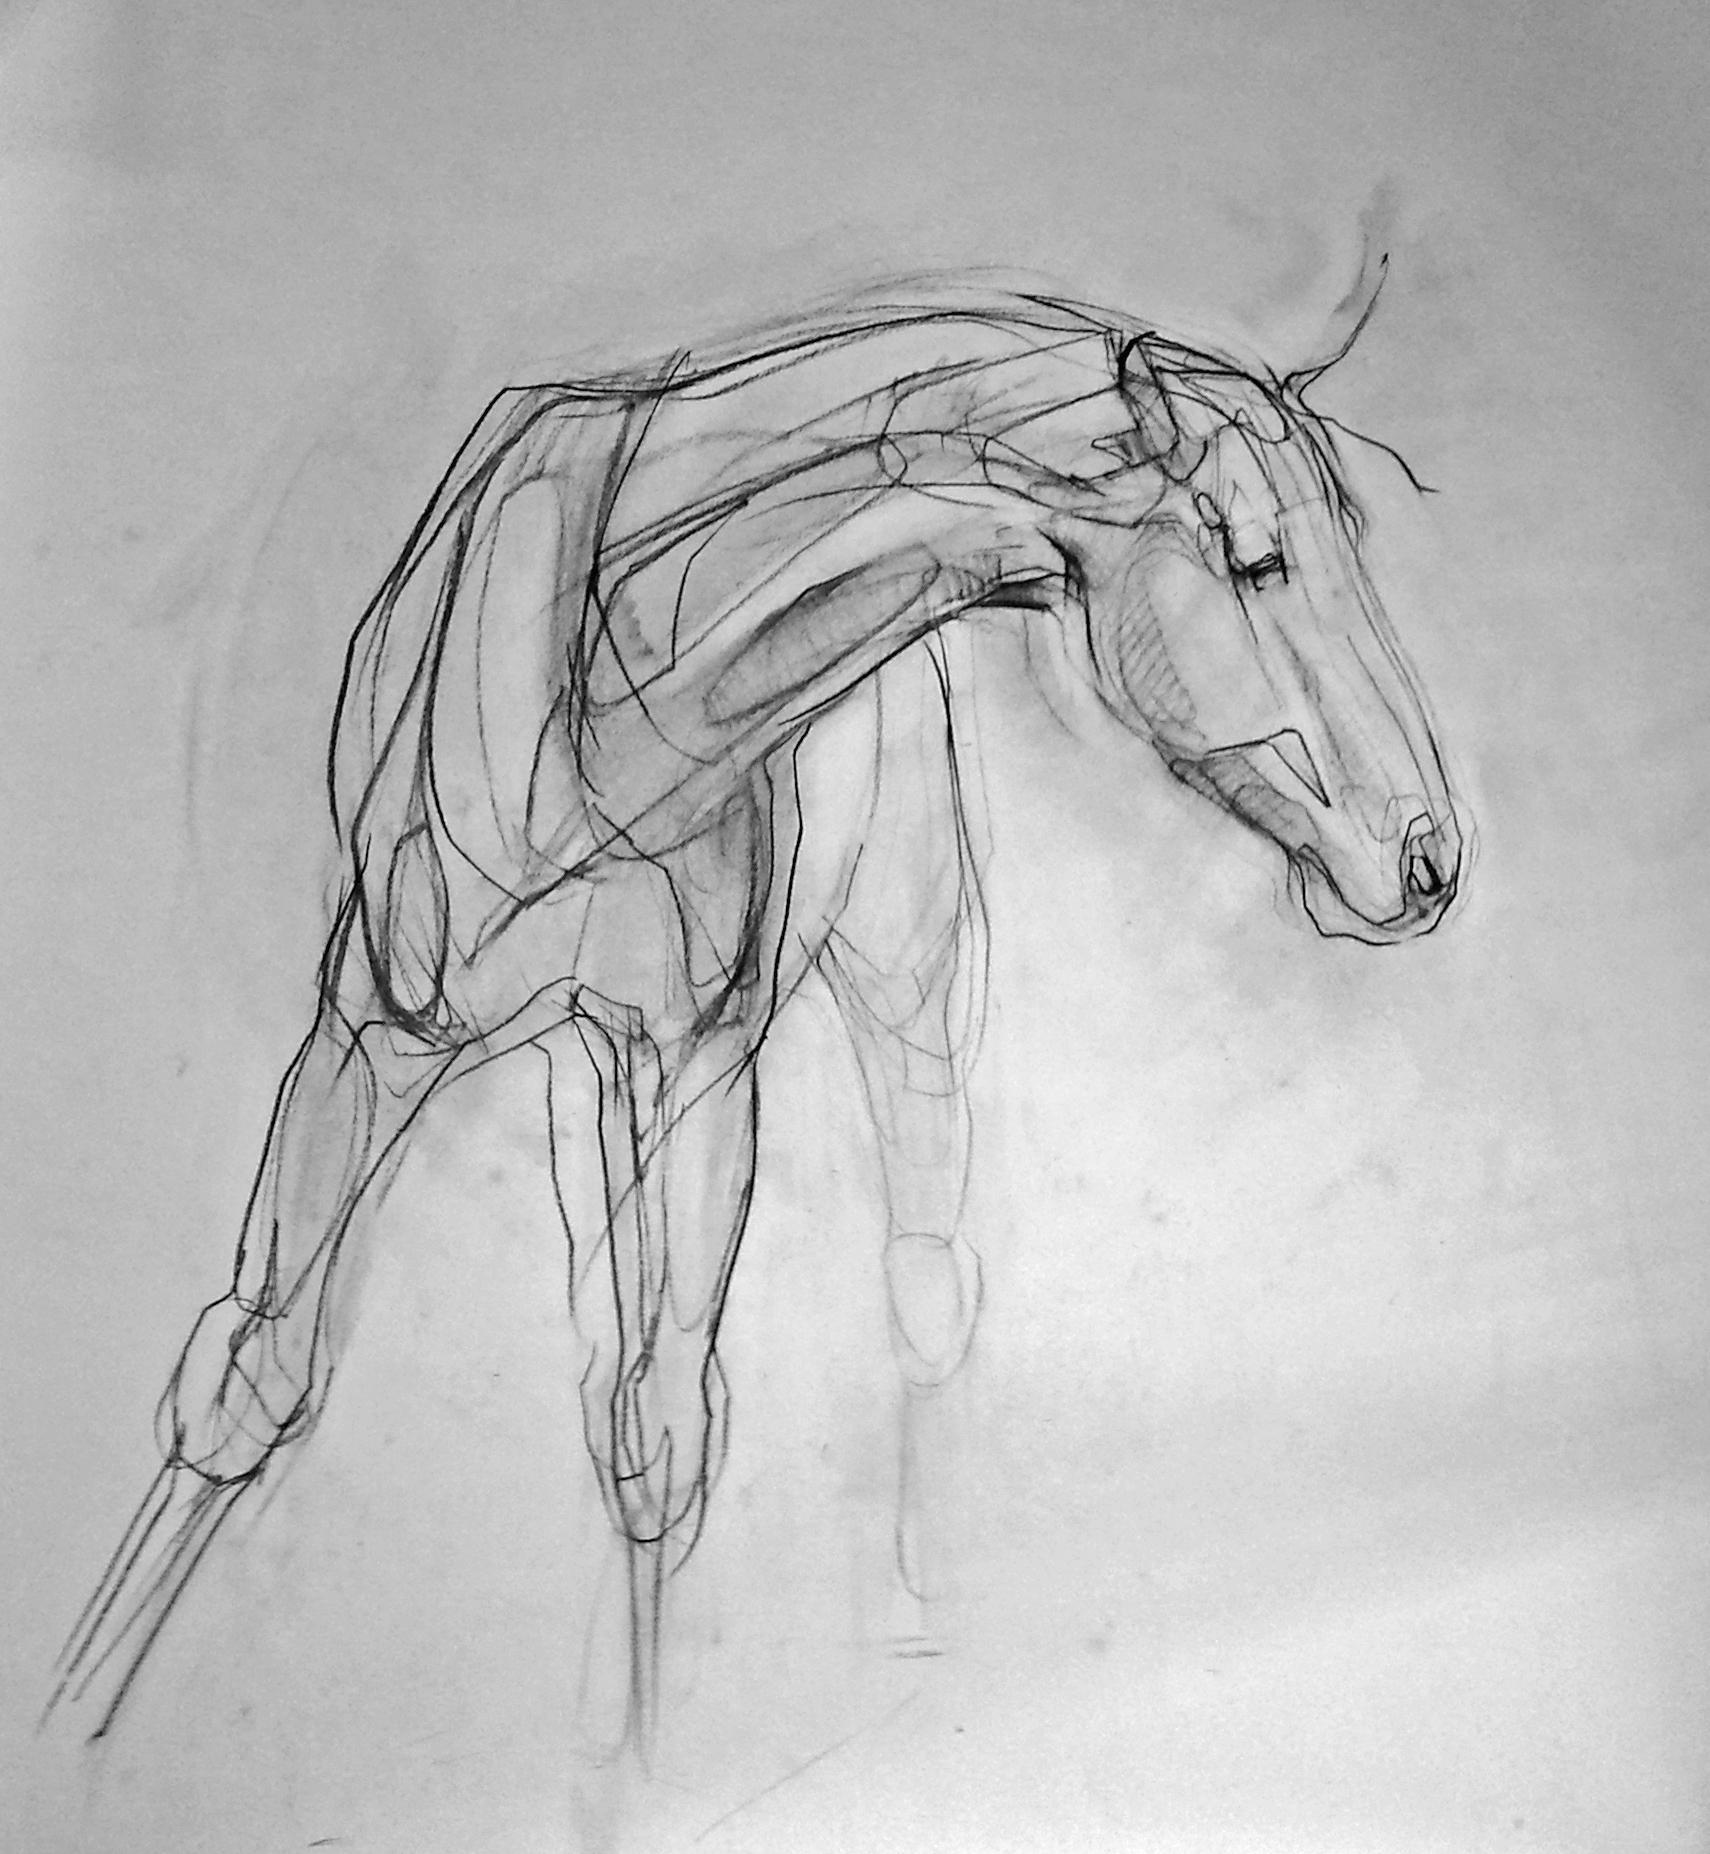 warmblood sketch.jpg